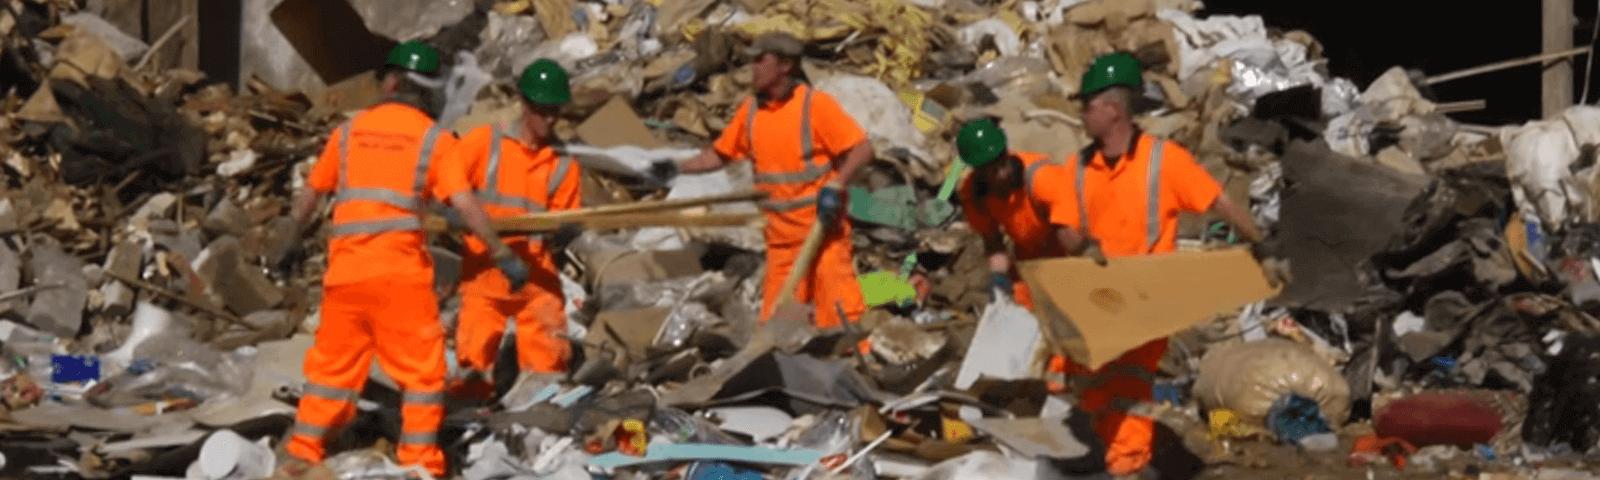 skip-hire-redditch-waste